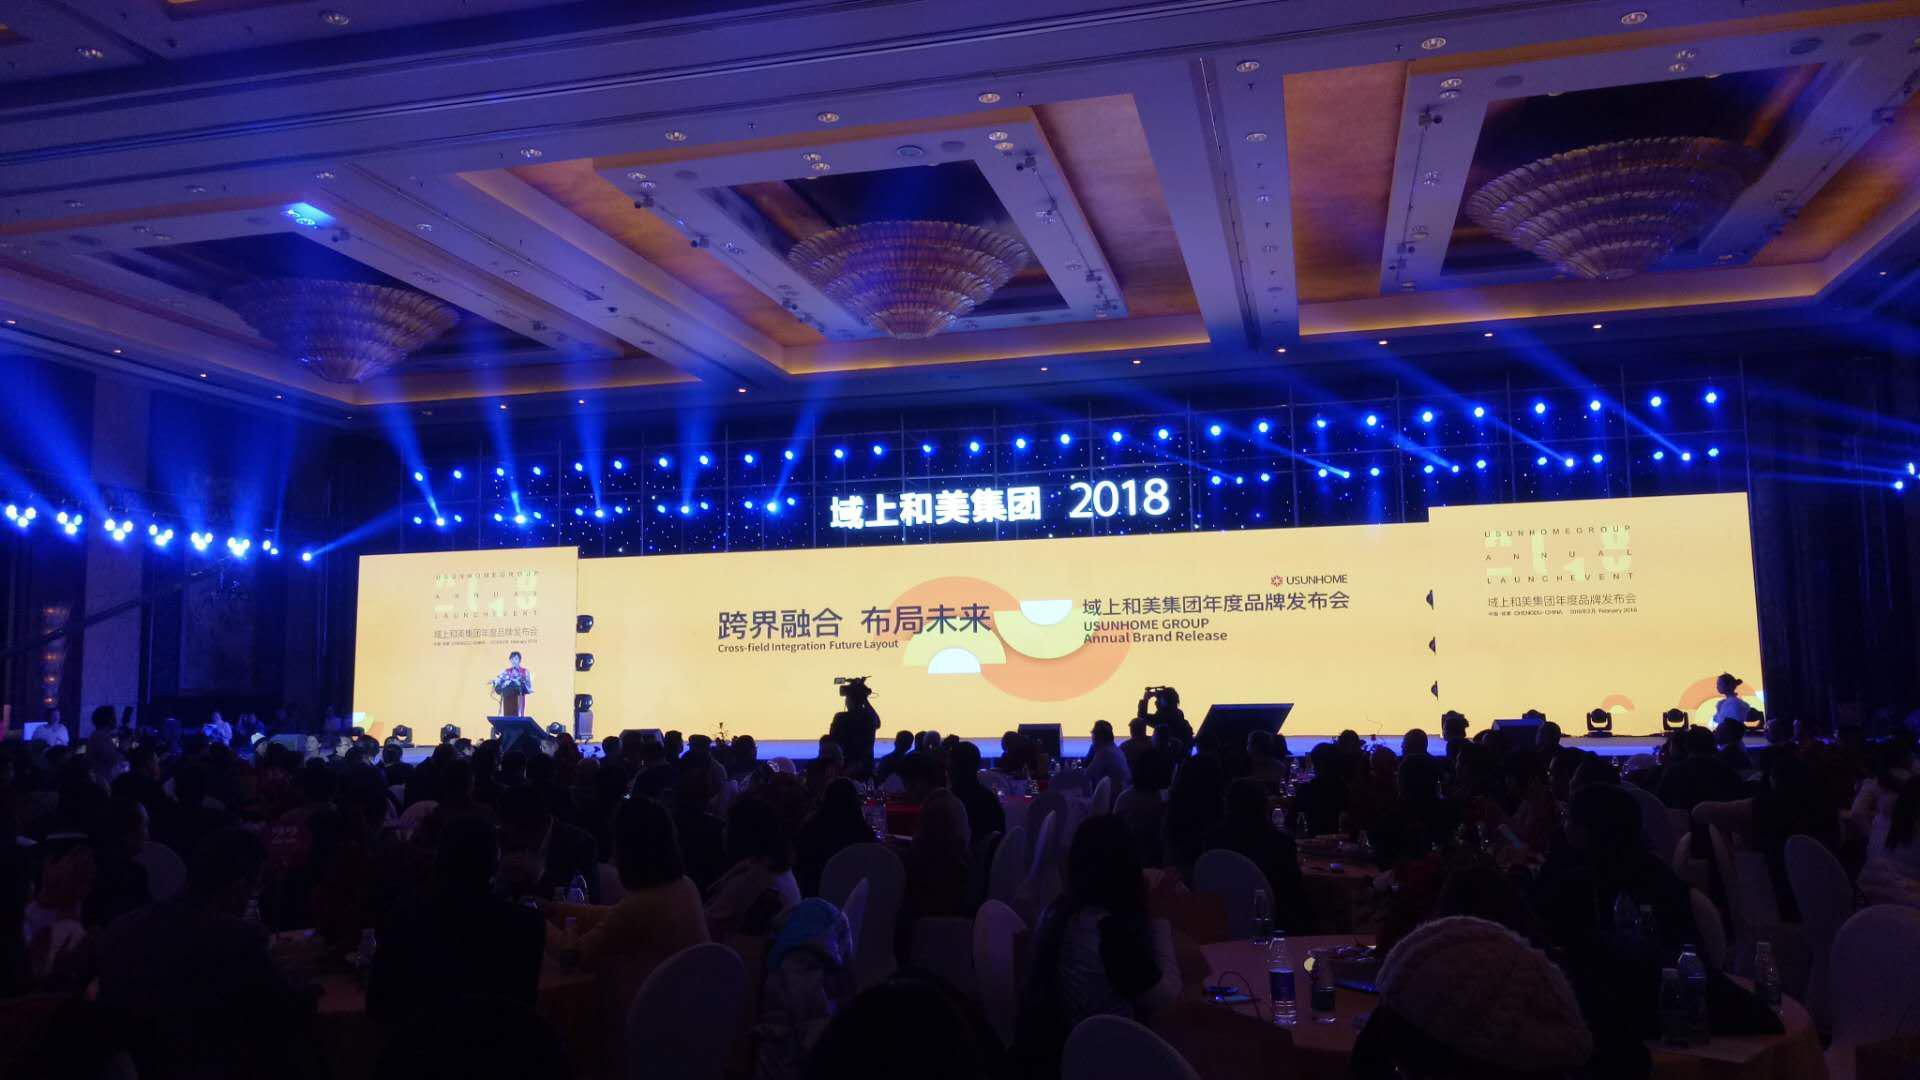 产业振兴文化 2018域上和美强IP组合拳展四川文创雄威